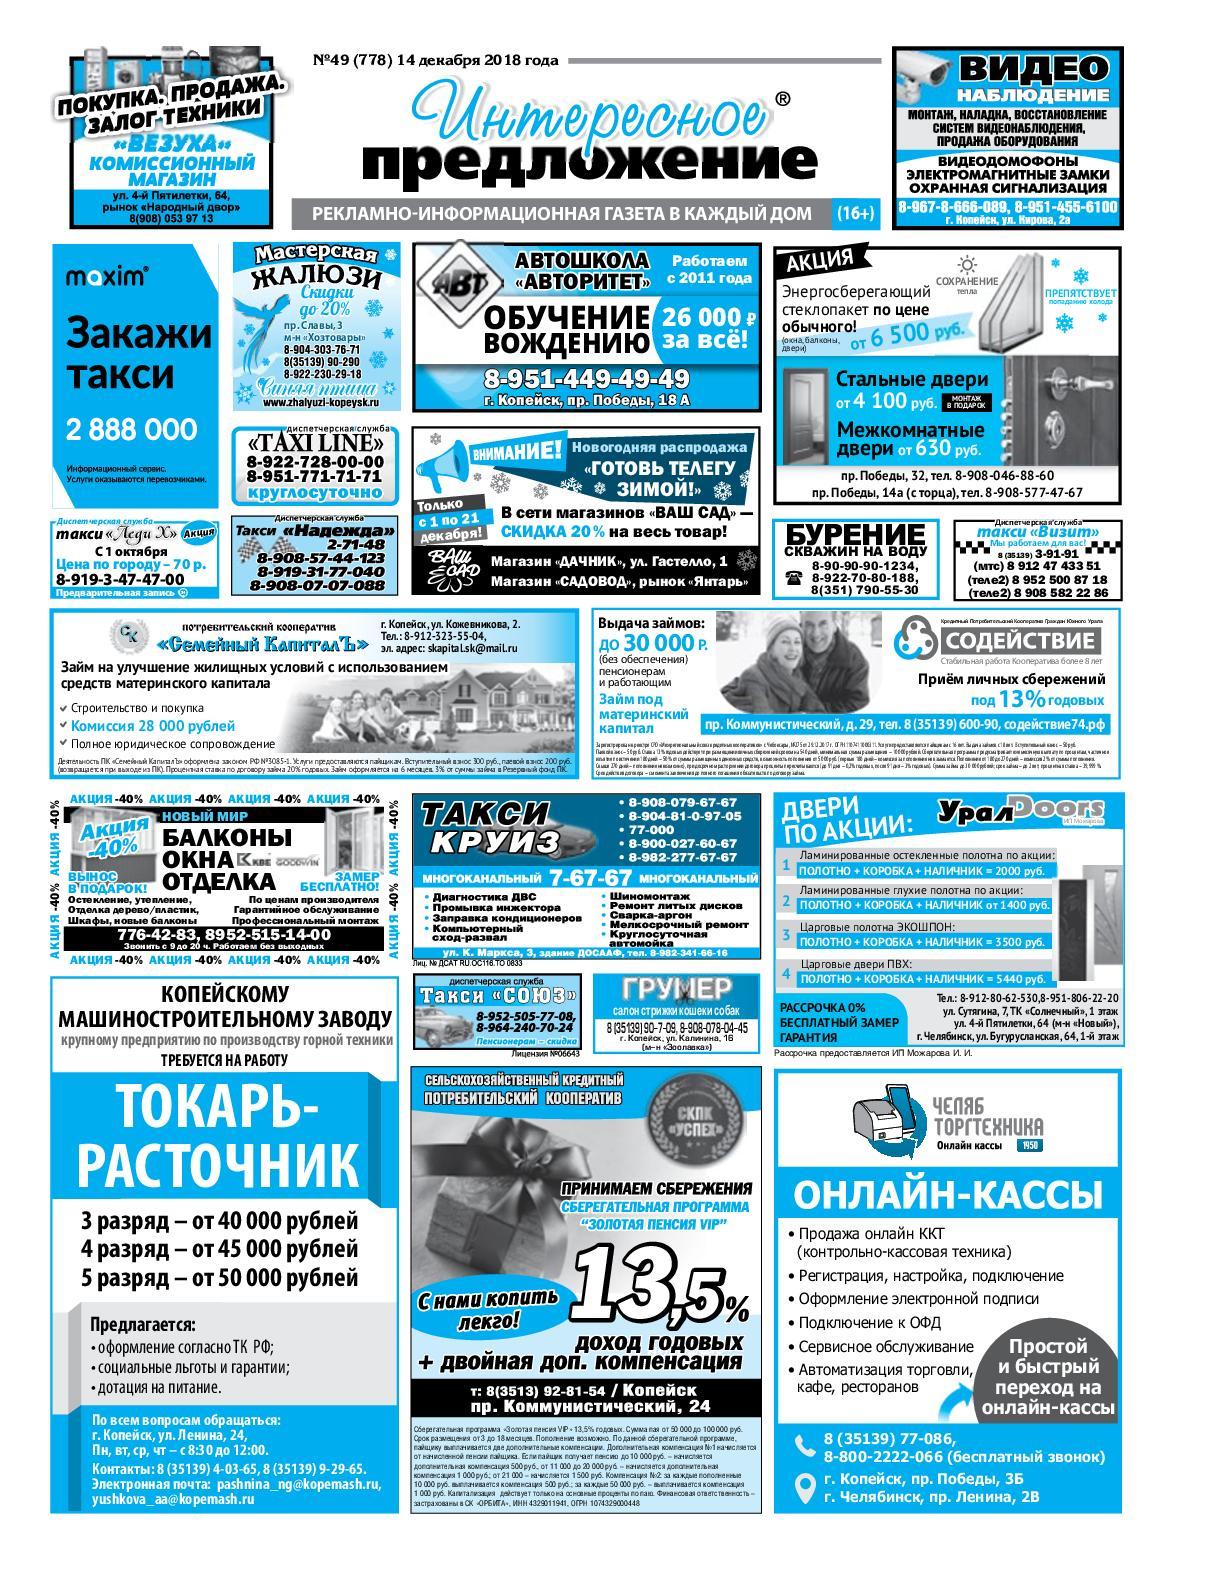 Автоломбард Белгород - ivikupcom